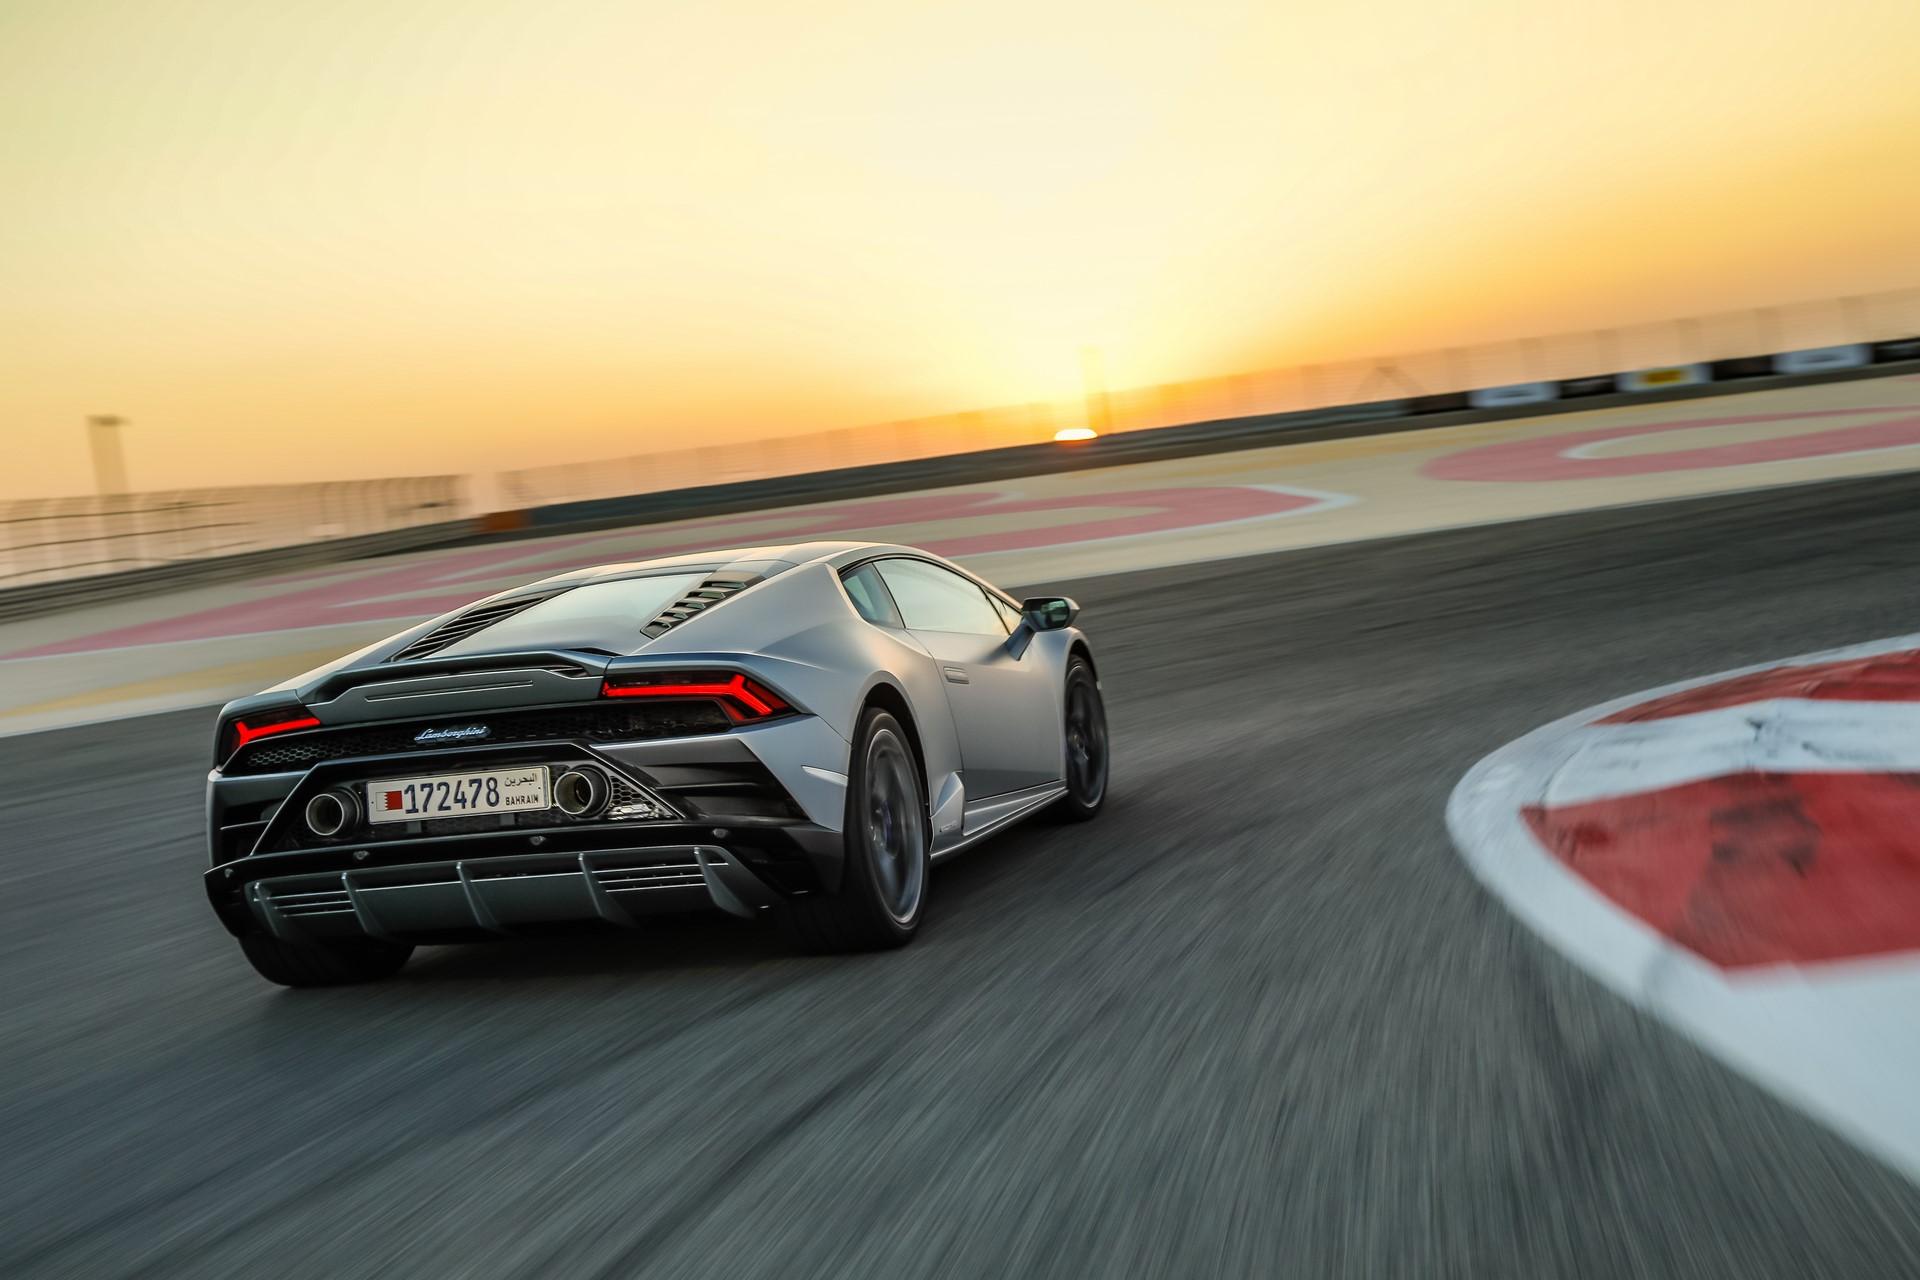 Lamborghini Huracan Evo 2019 (62)